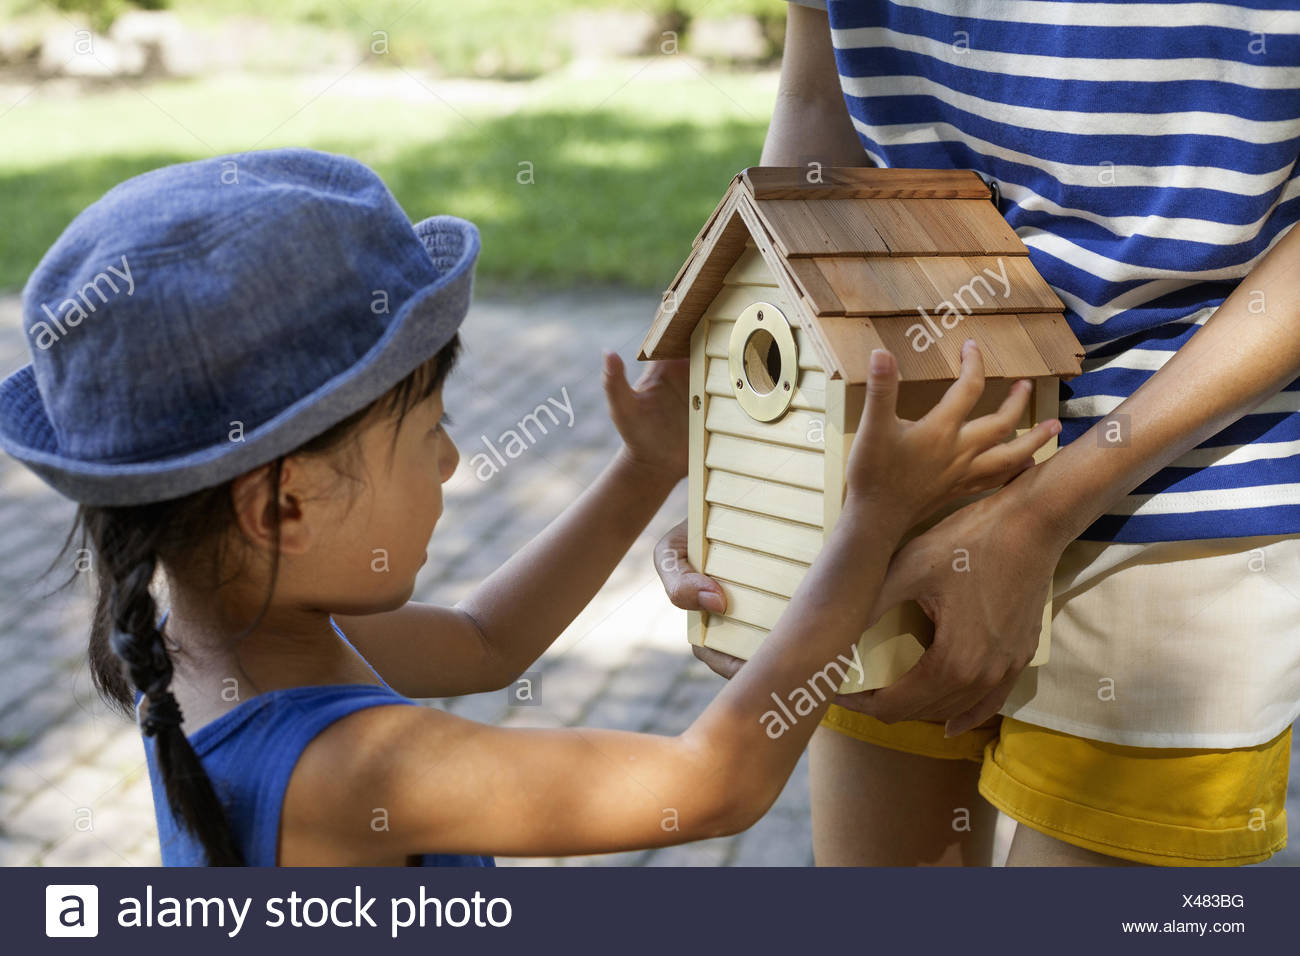 Jeune fille portant une robe d'été et chapeau de soleil, la tenue d'une maison d'oiseau. Banque D'Images